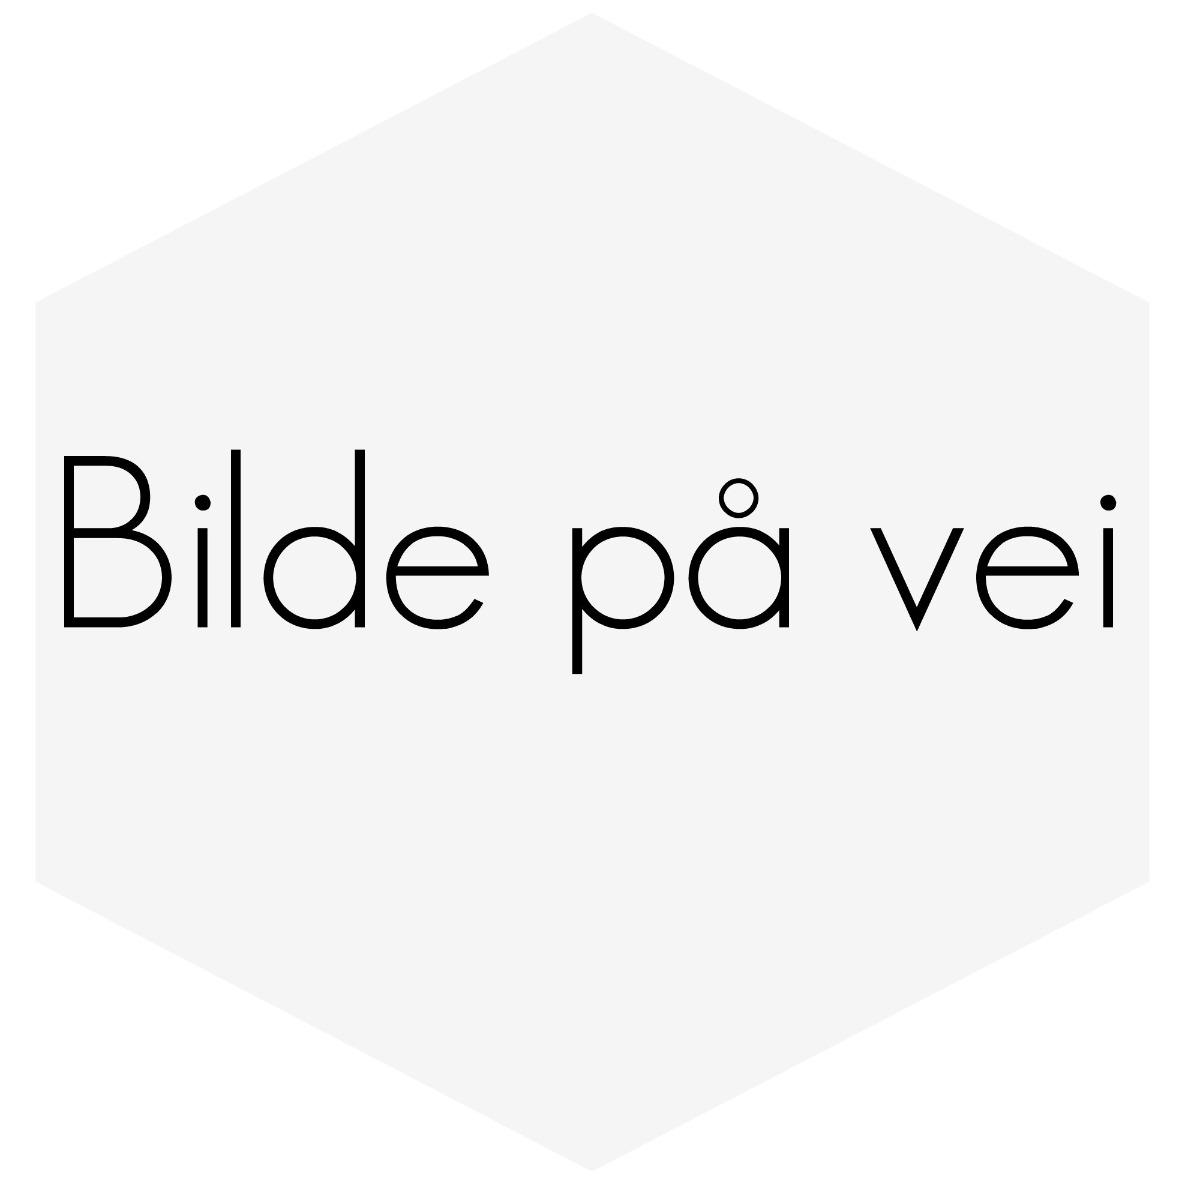 MOTSTAND VARMEAPP VOLVO 700-900 FOR BIL MED MAN AC 3522215